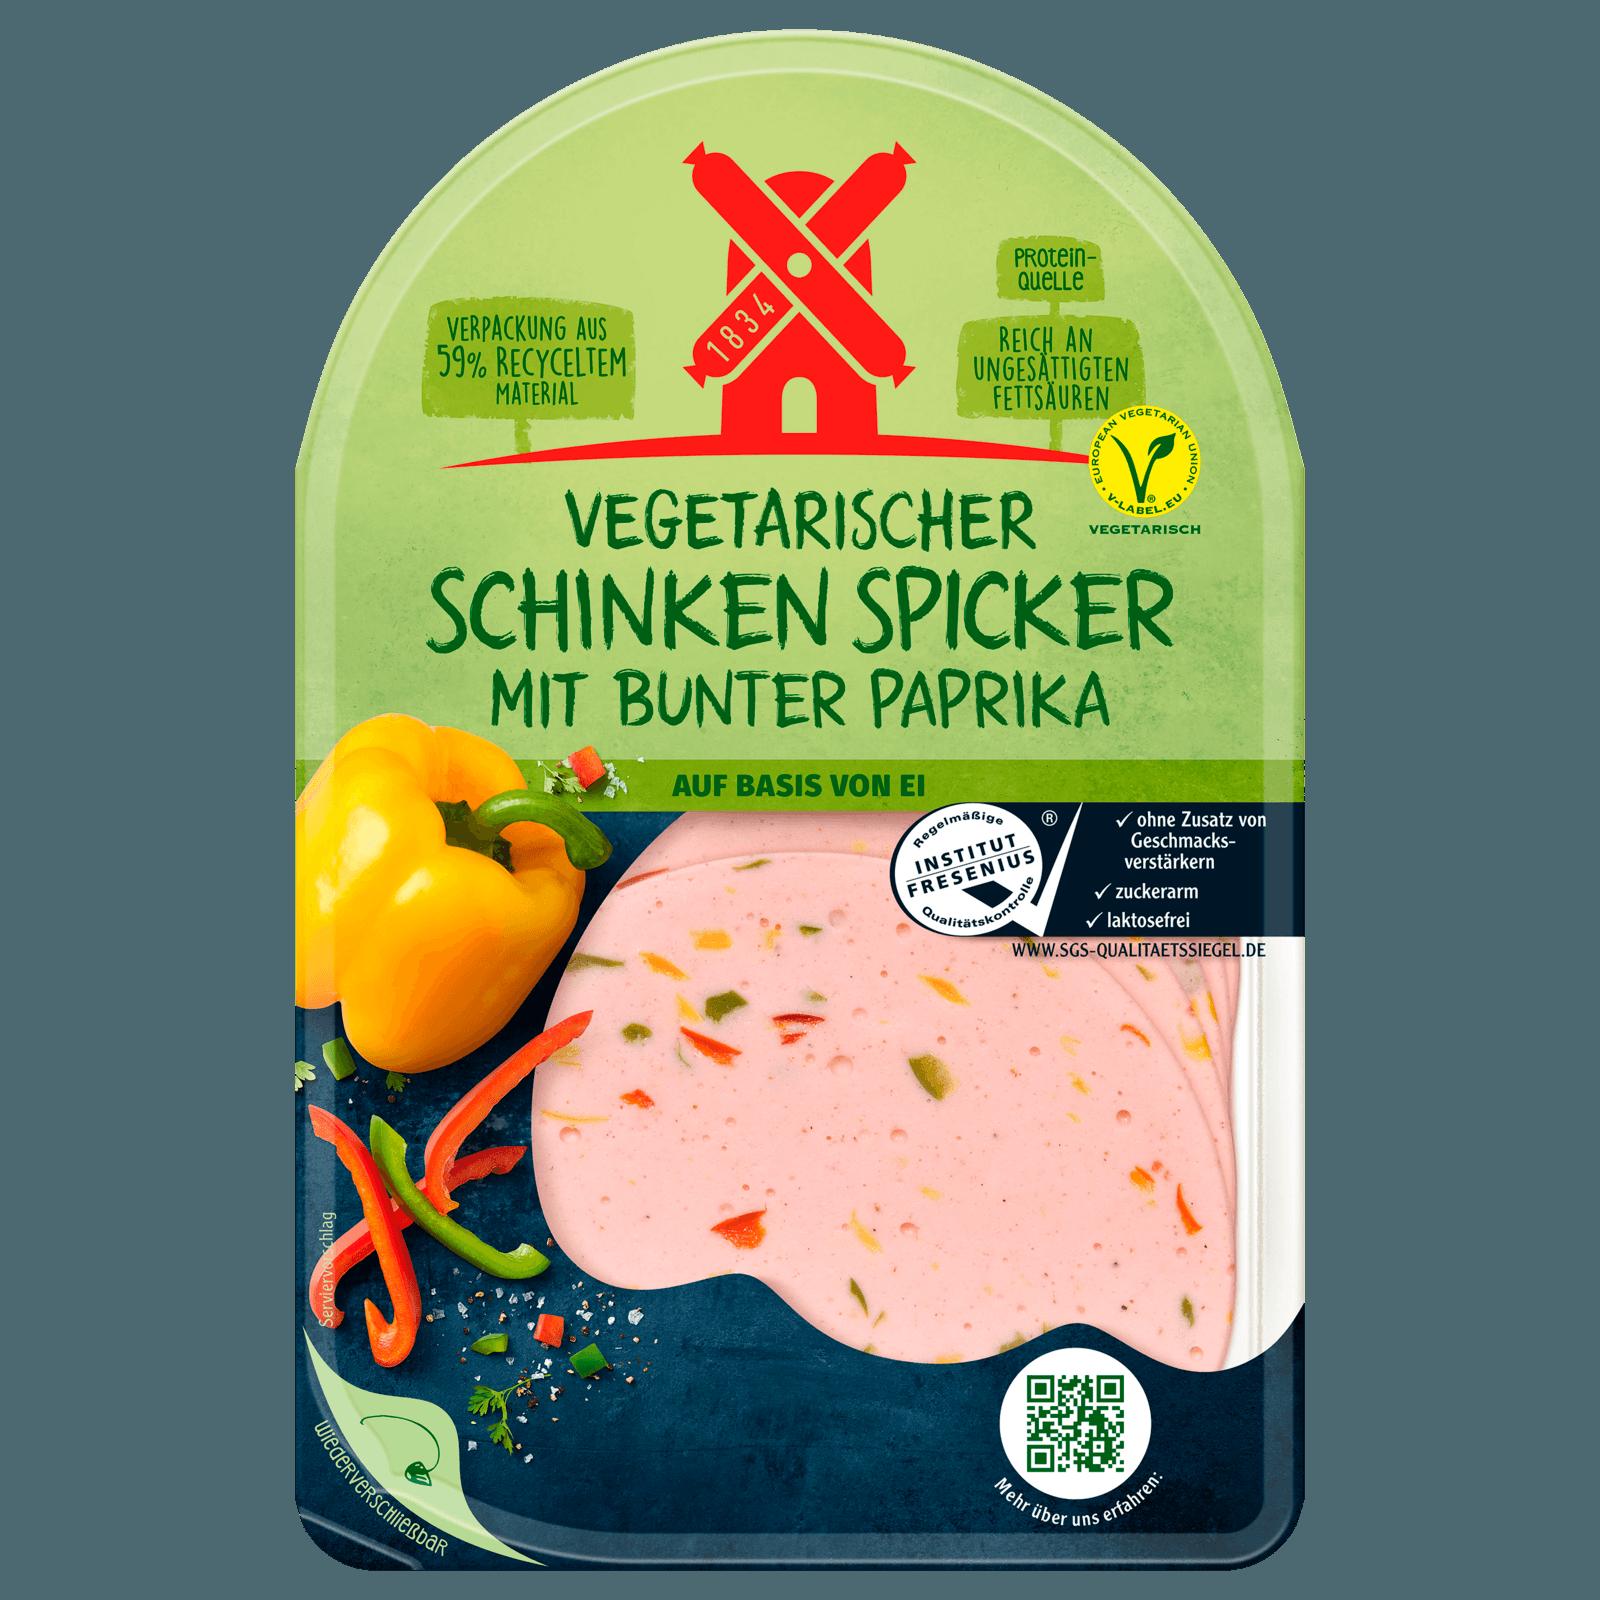 Rügenwalder Mühle Vegetarischer Schinken-Spicker Bunte Paprika 80g